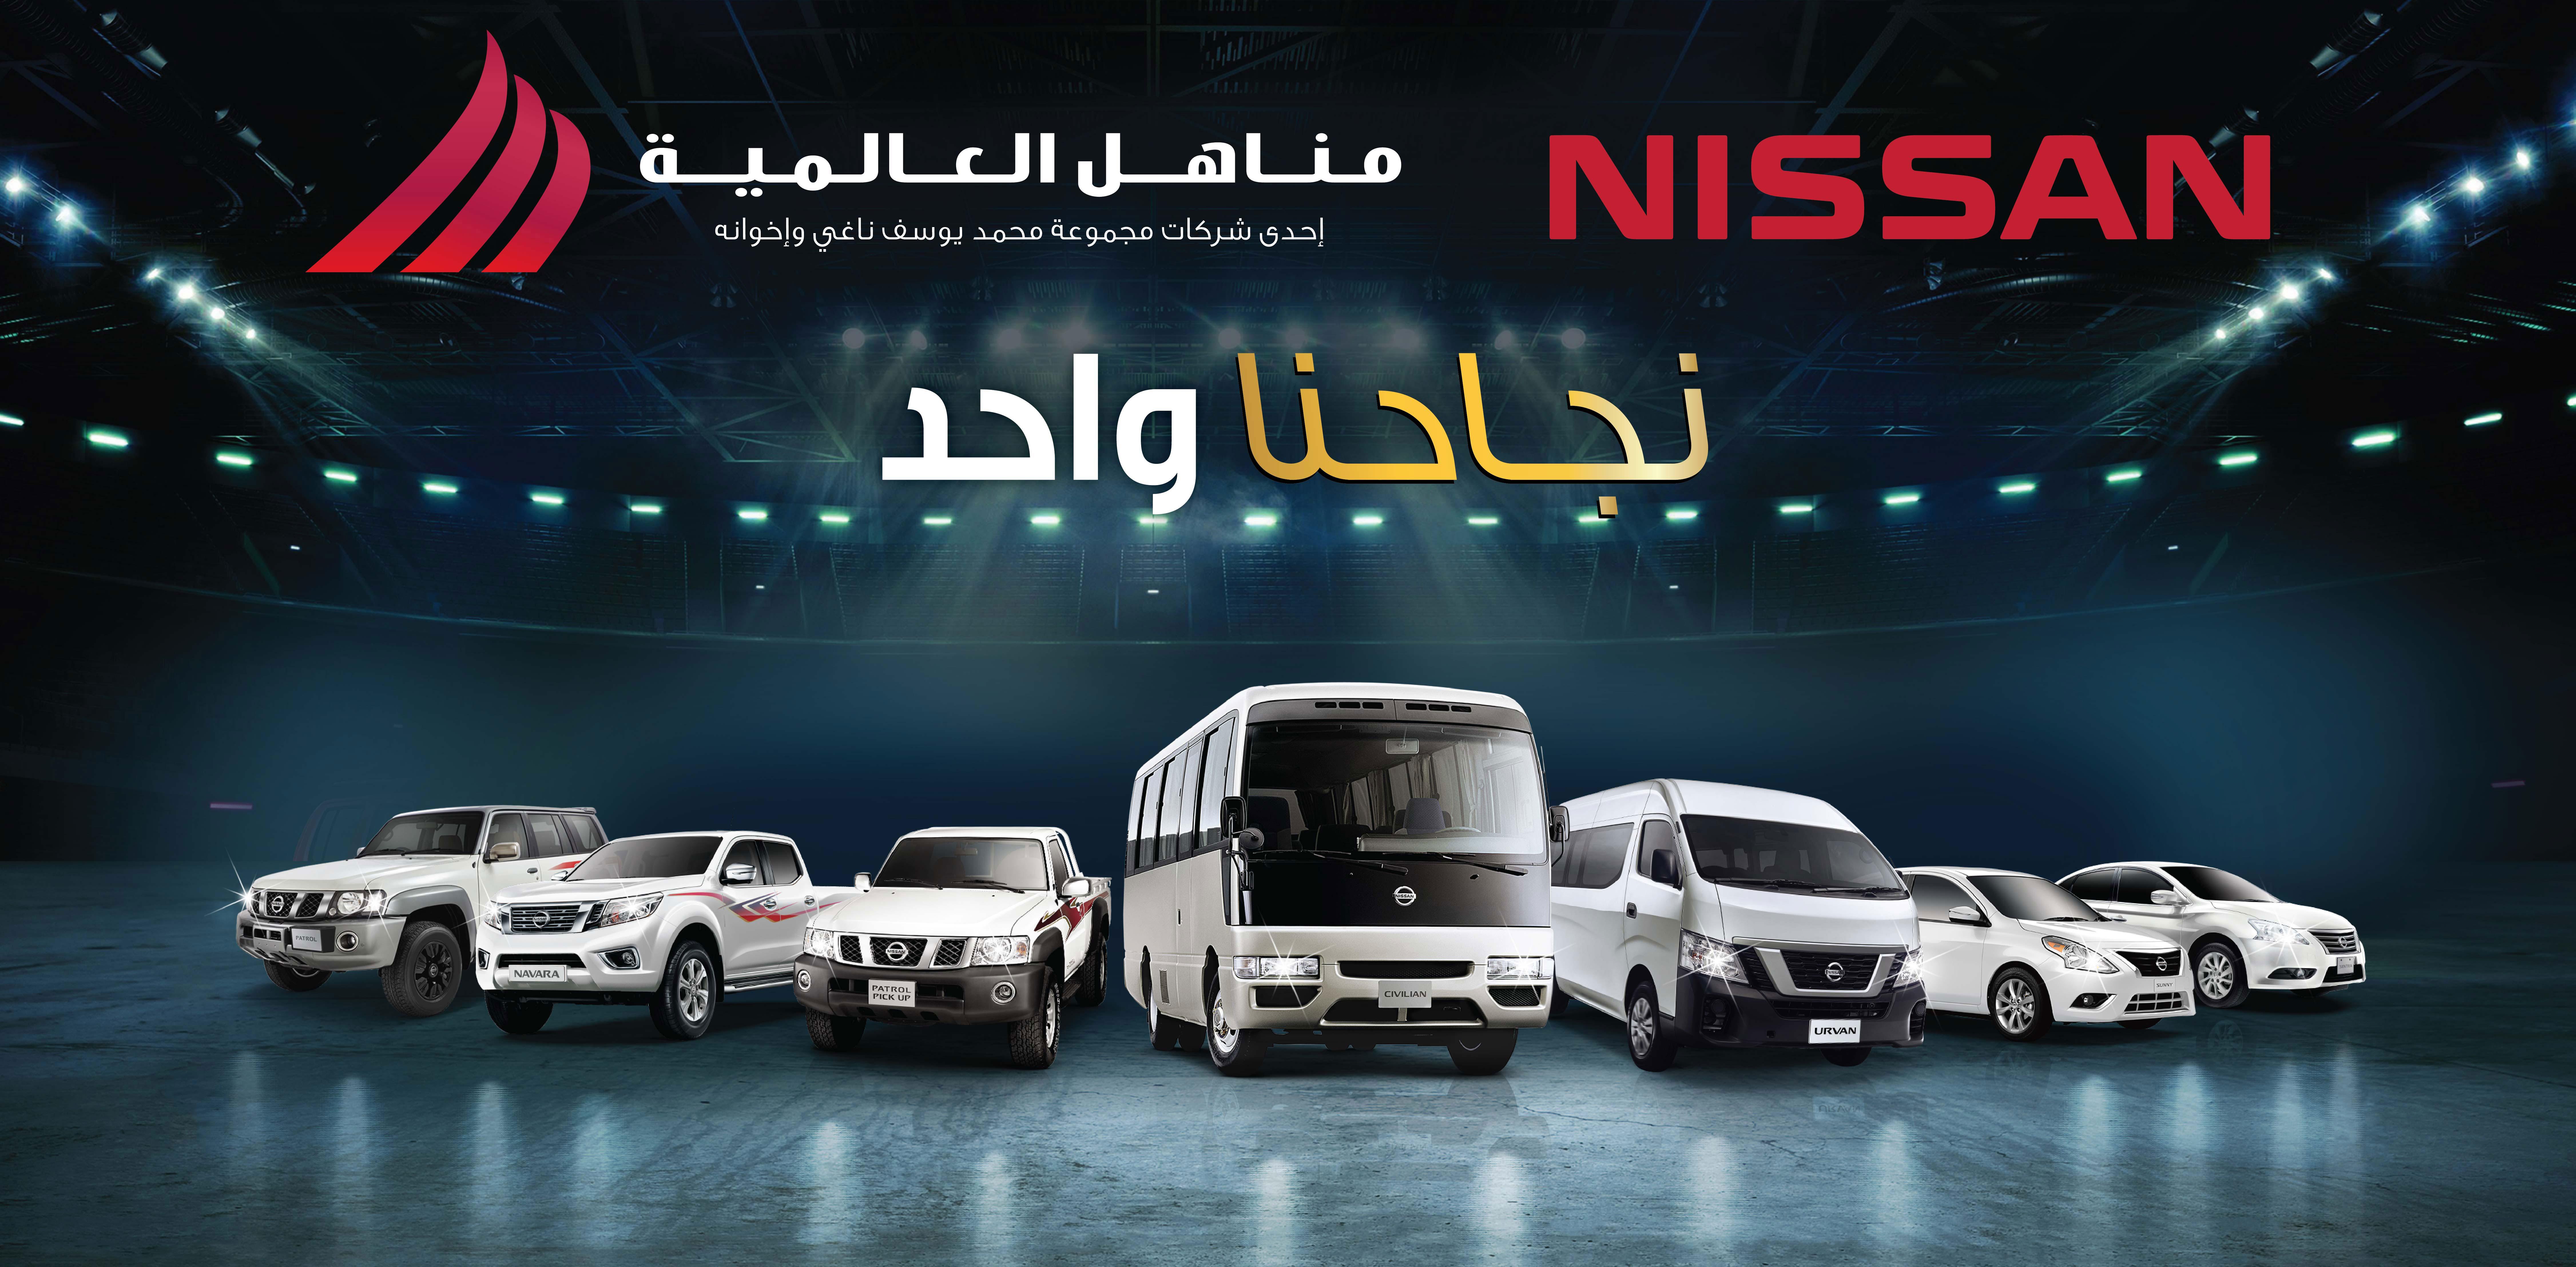 Nissan MANAHIL cars